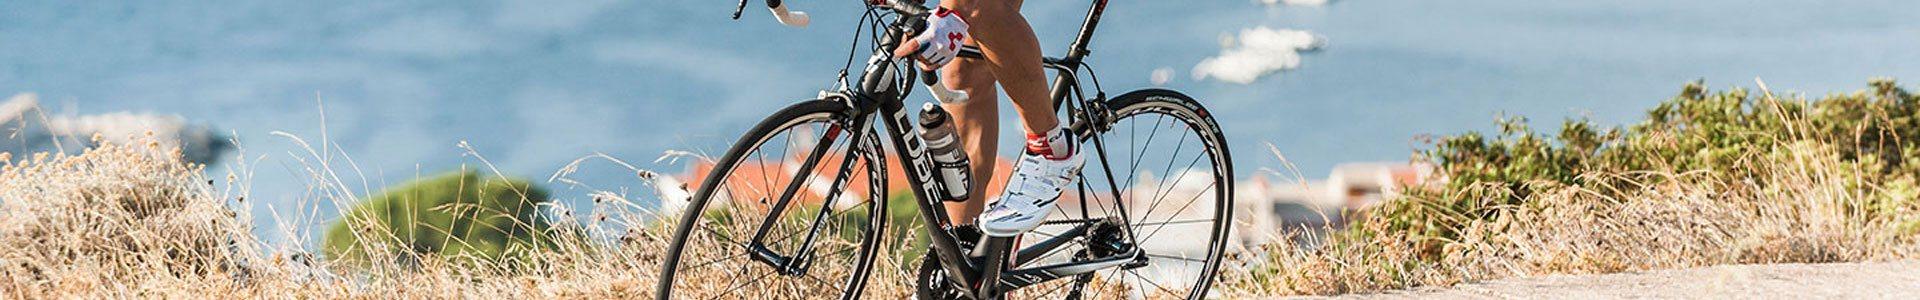 Spar-Menü Spezial , kostenloses Zubehörpaket bei nicht reduzierten Rädern für Erwachsende|br|zusätzlich 2% Rabatt bei Zahlung üer Vorauskasse und Überweisung